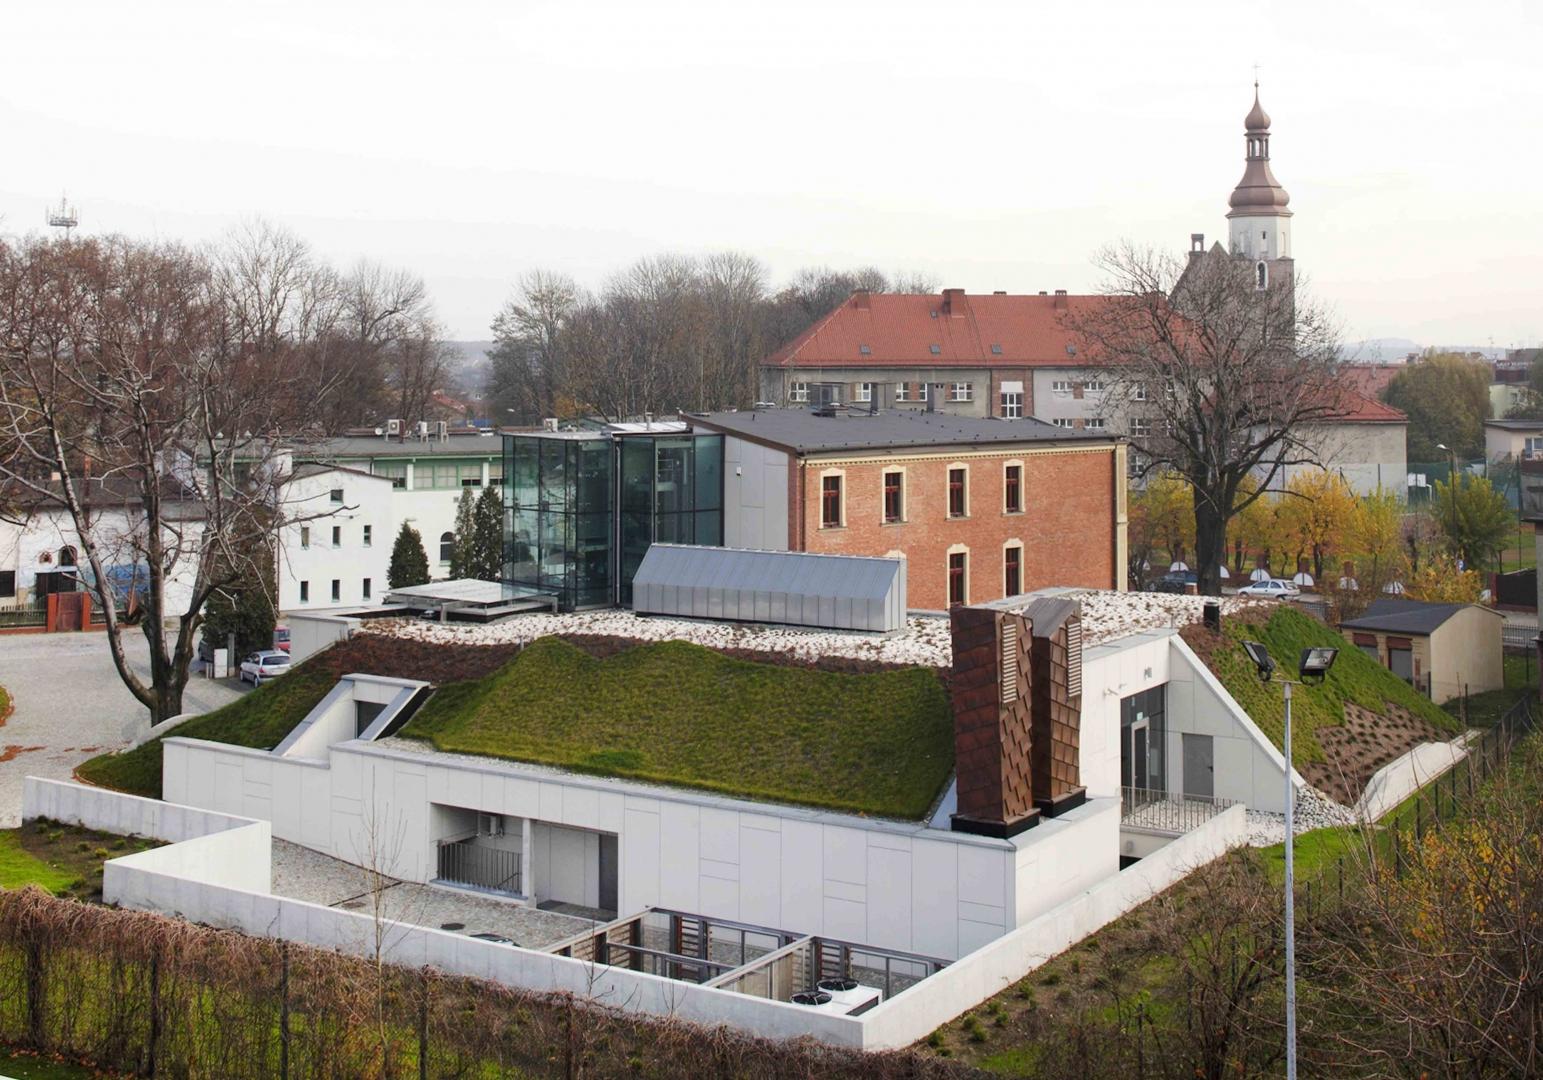 Muzeum Miejskie W żorach W Zabytkowej Kamienicy Z Wielkim